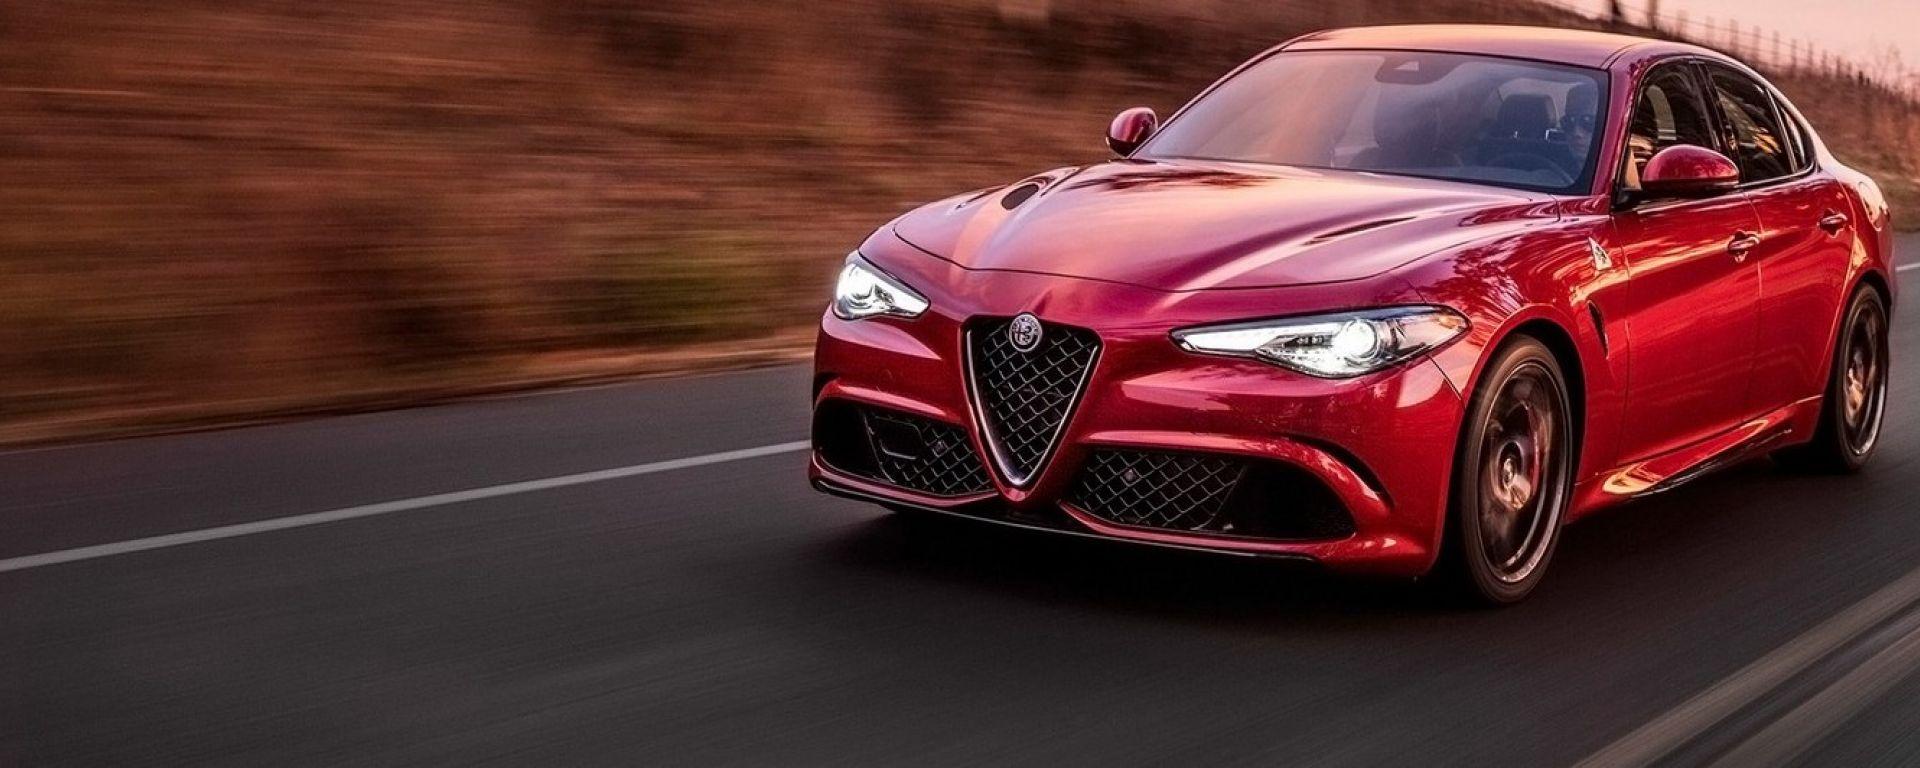 Alfa Romeo Giulia, la gamma a benzina potrebbe presto accogliere un 1.3 turbo